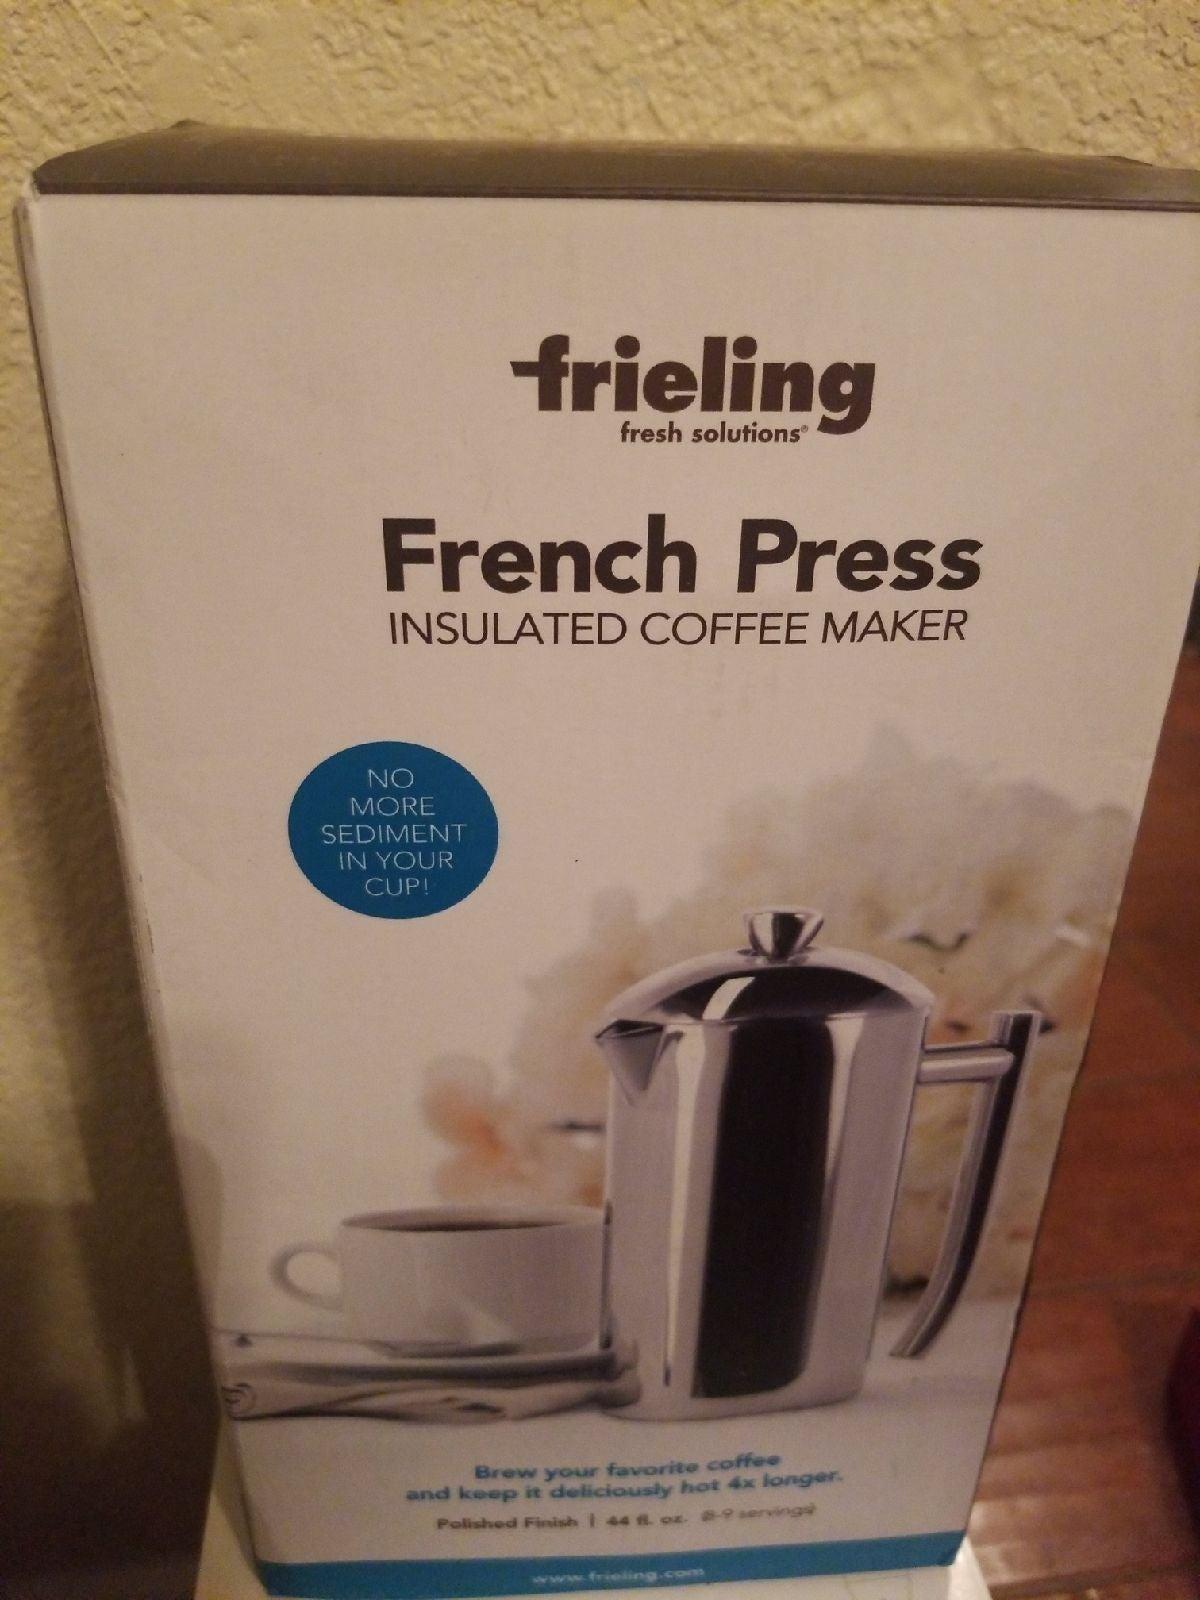 frieling coffee maker 44 oz